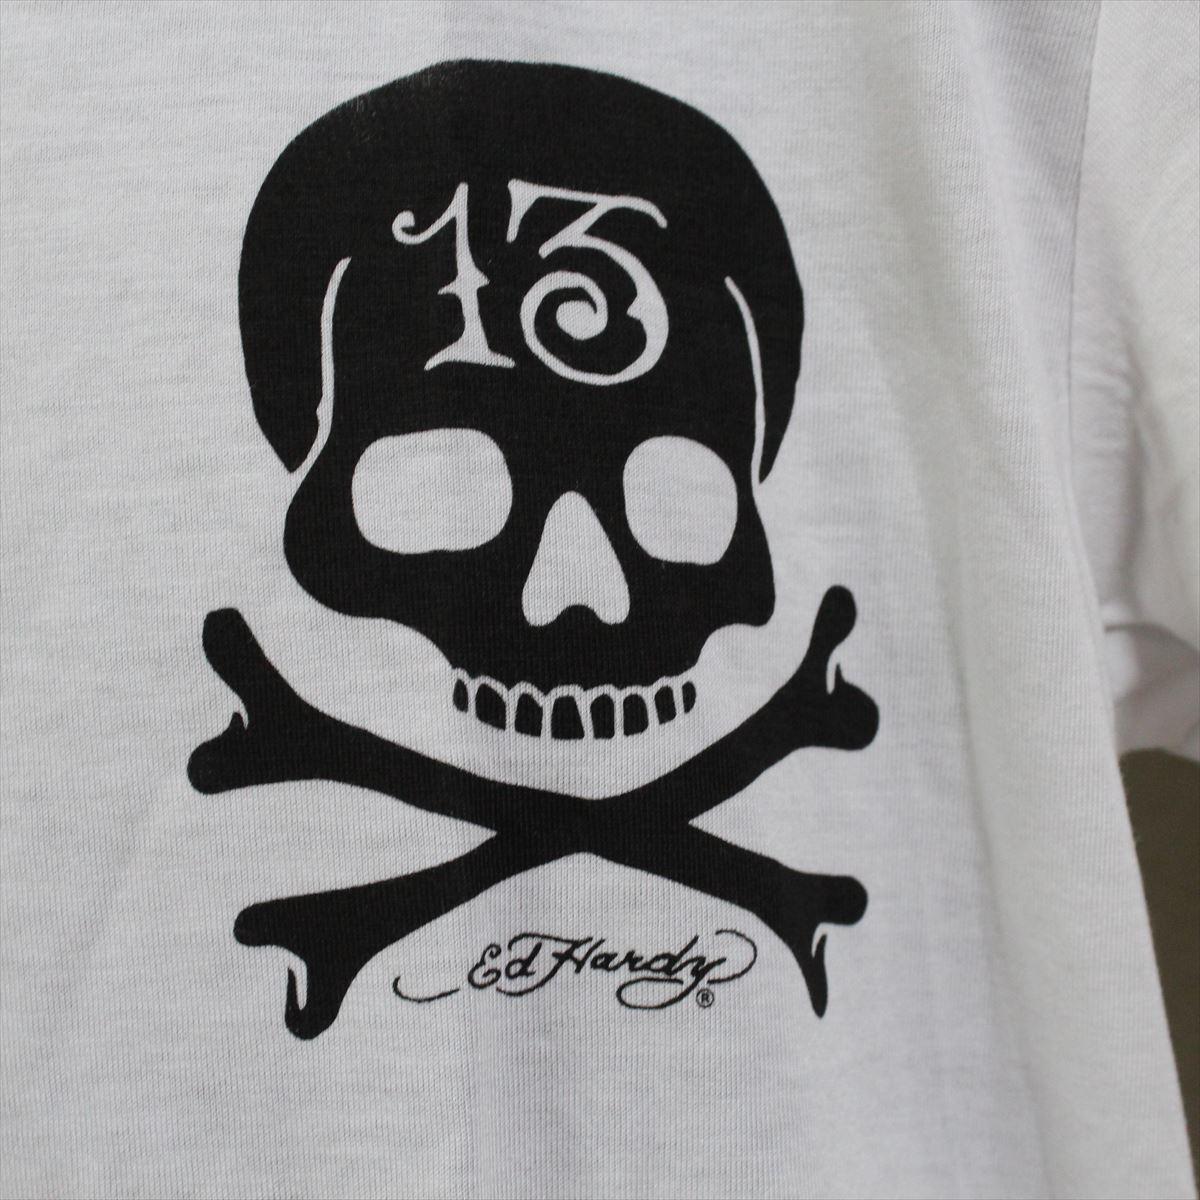 エドハーディー ED HARDY メンズ半袖Tシャツ ホワイト Lサイズ M02CMV552 新品 Vネック_画像2